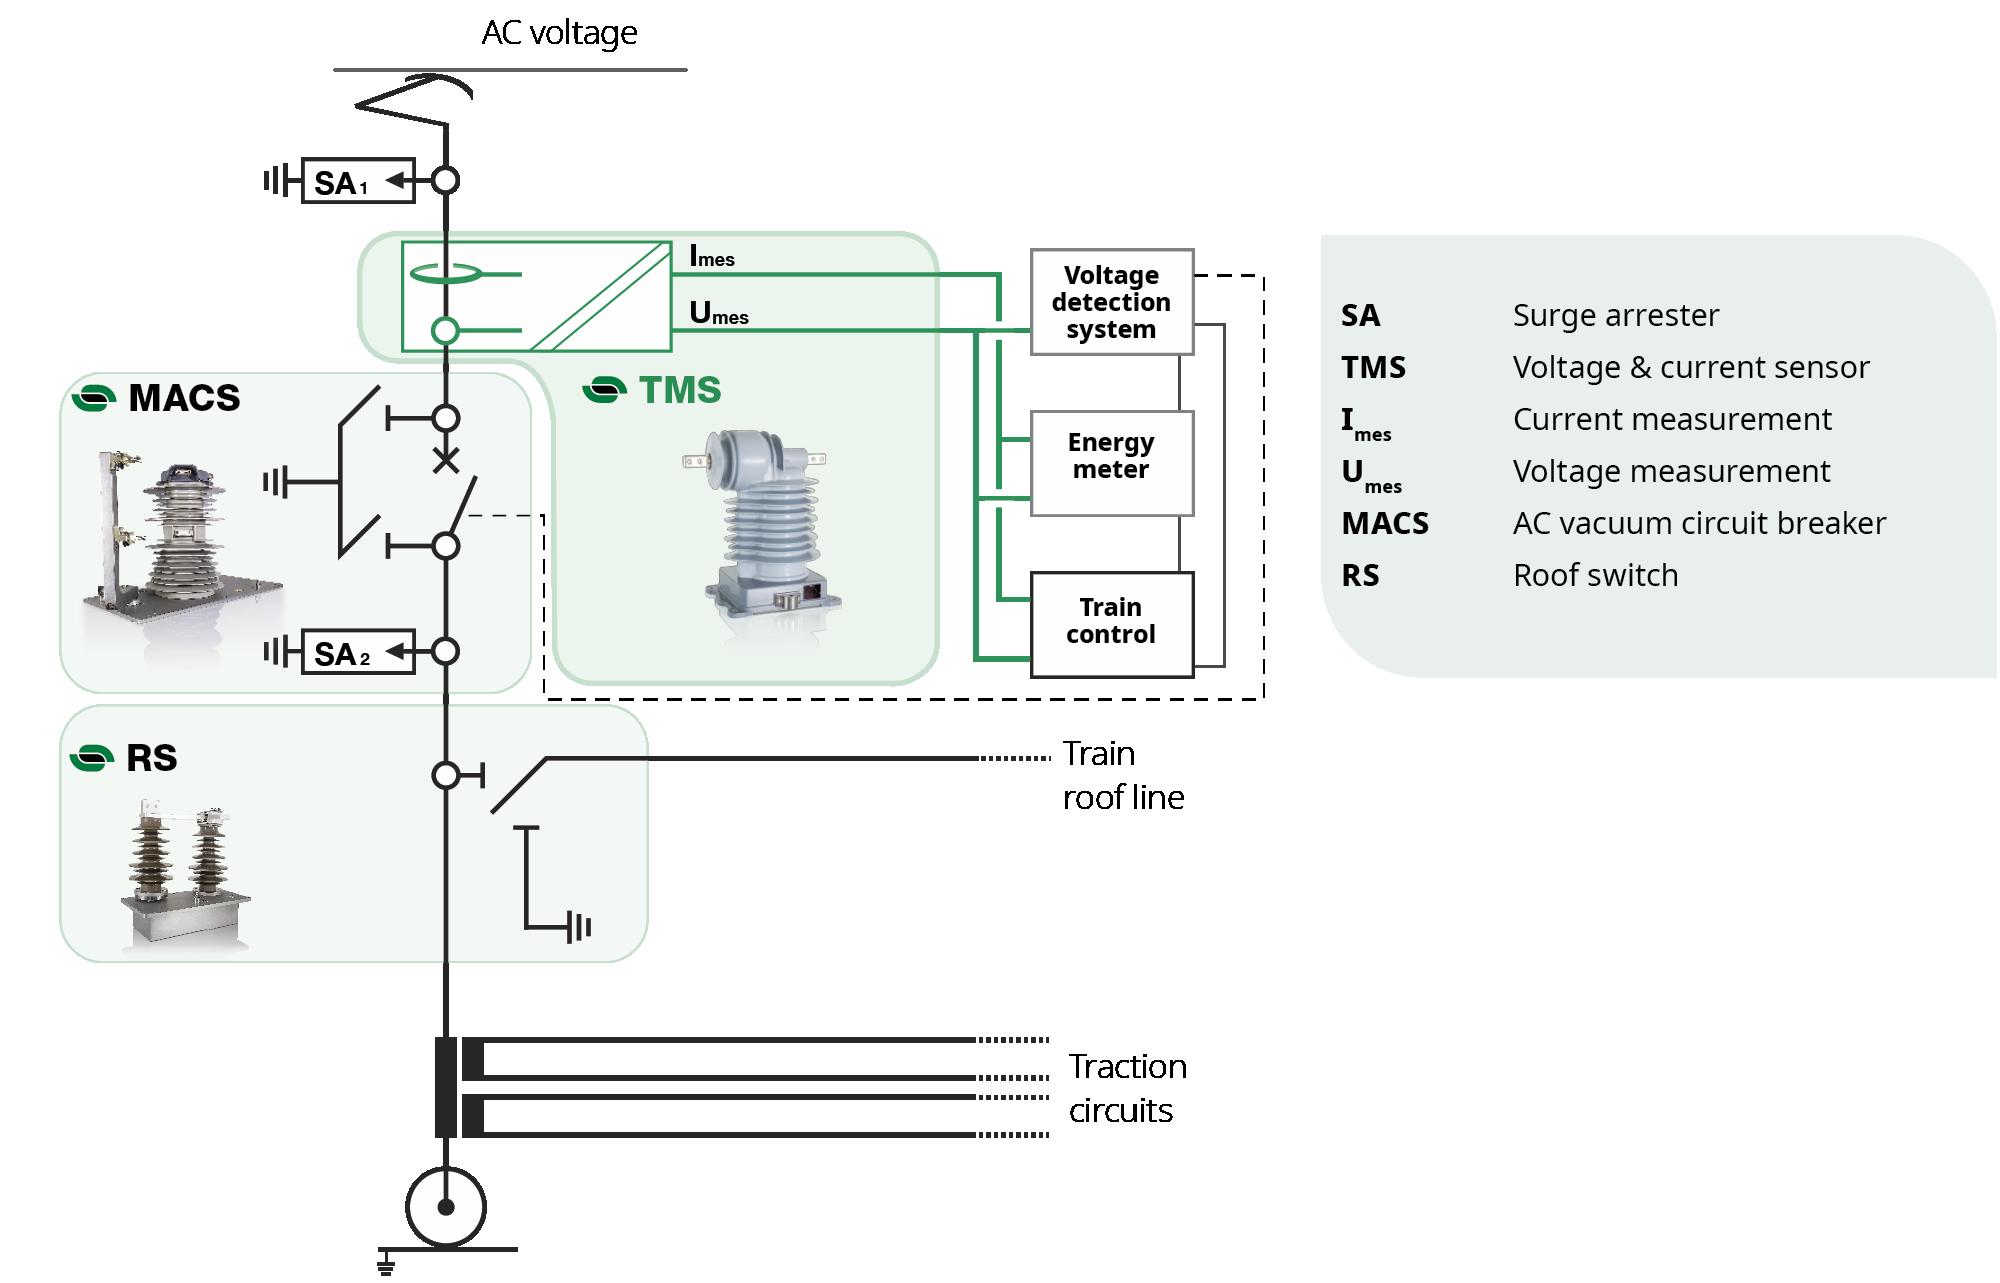 Sensores de tensión y corriente CA